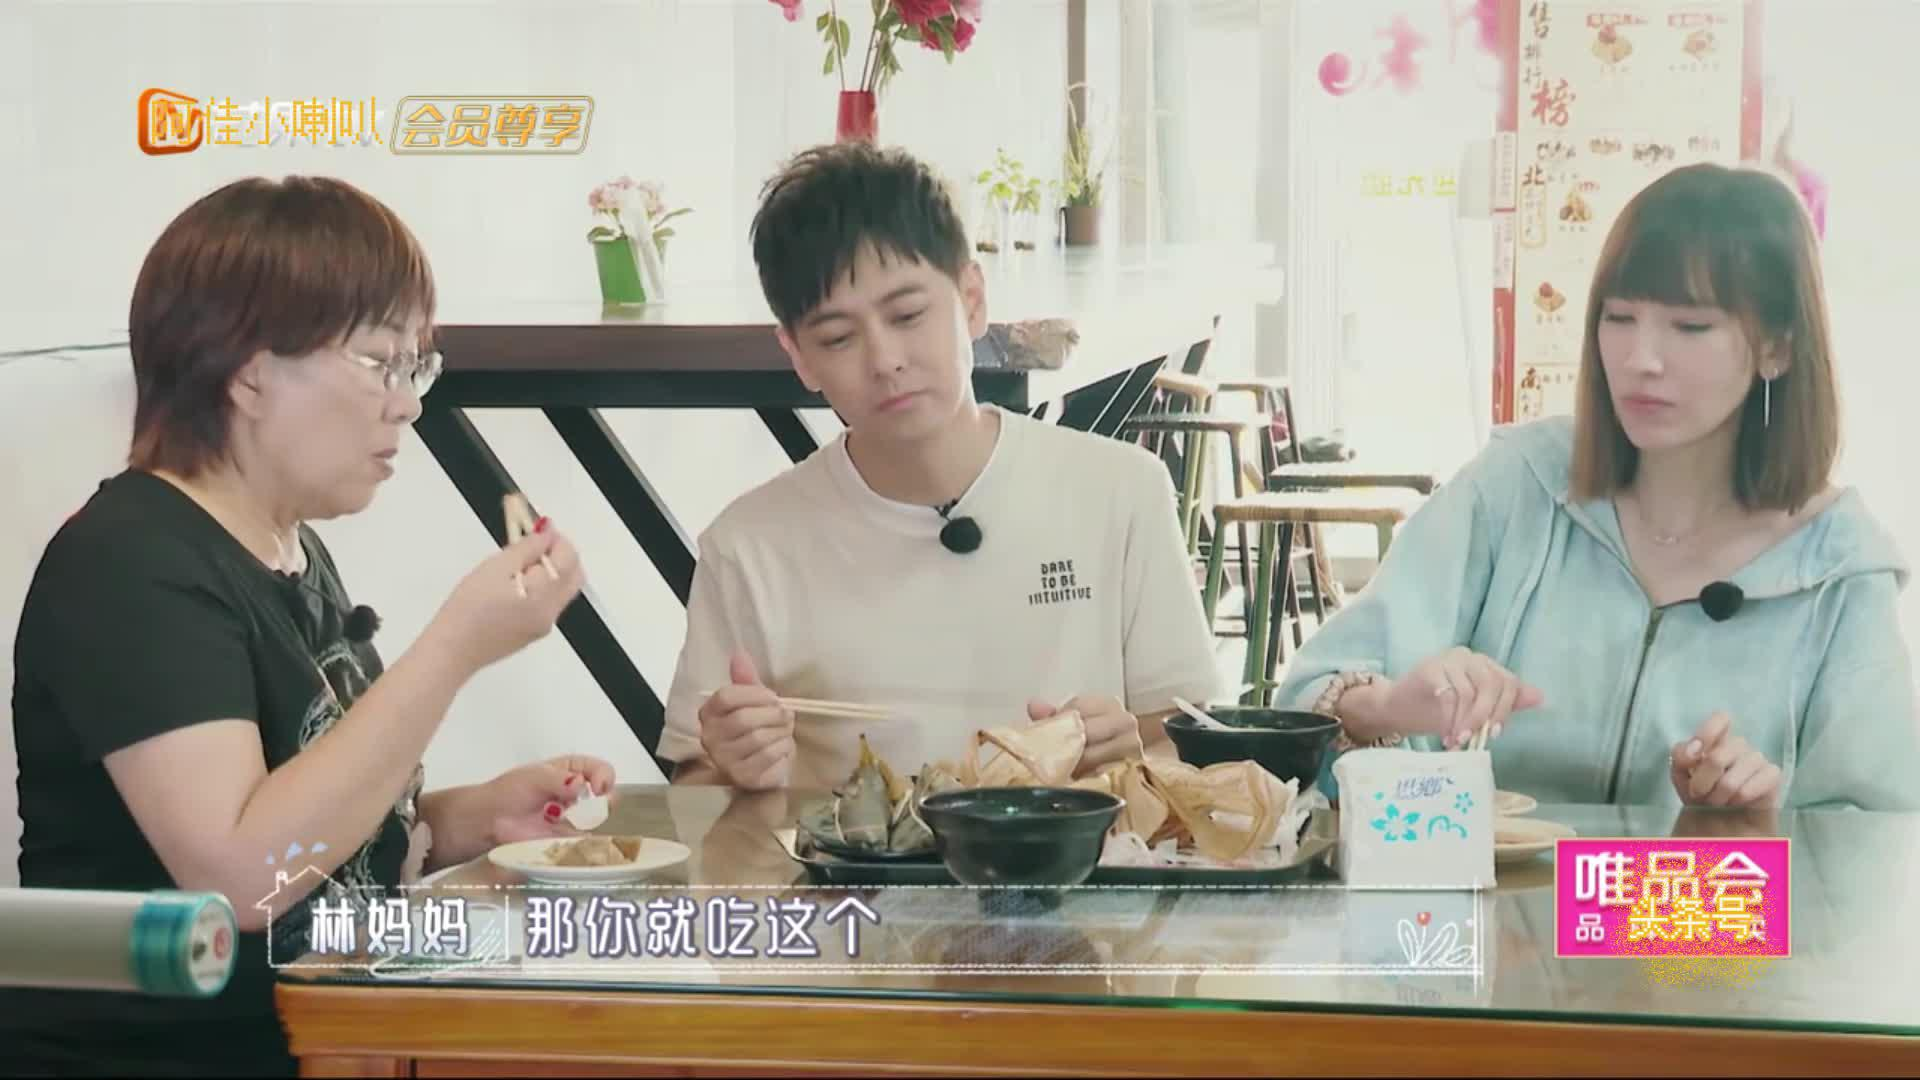 真人秀:妈妈坚持要喂林志颖吃粽子 儿媳妇吃瓜看热闹